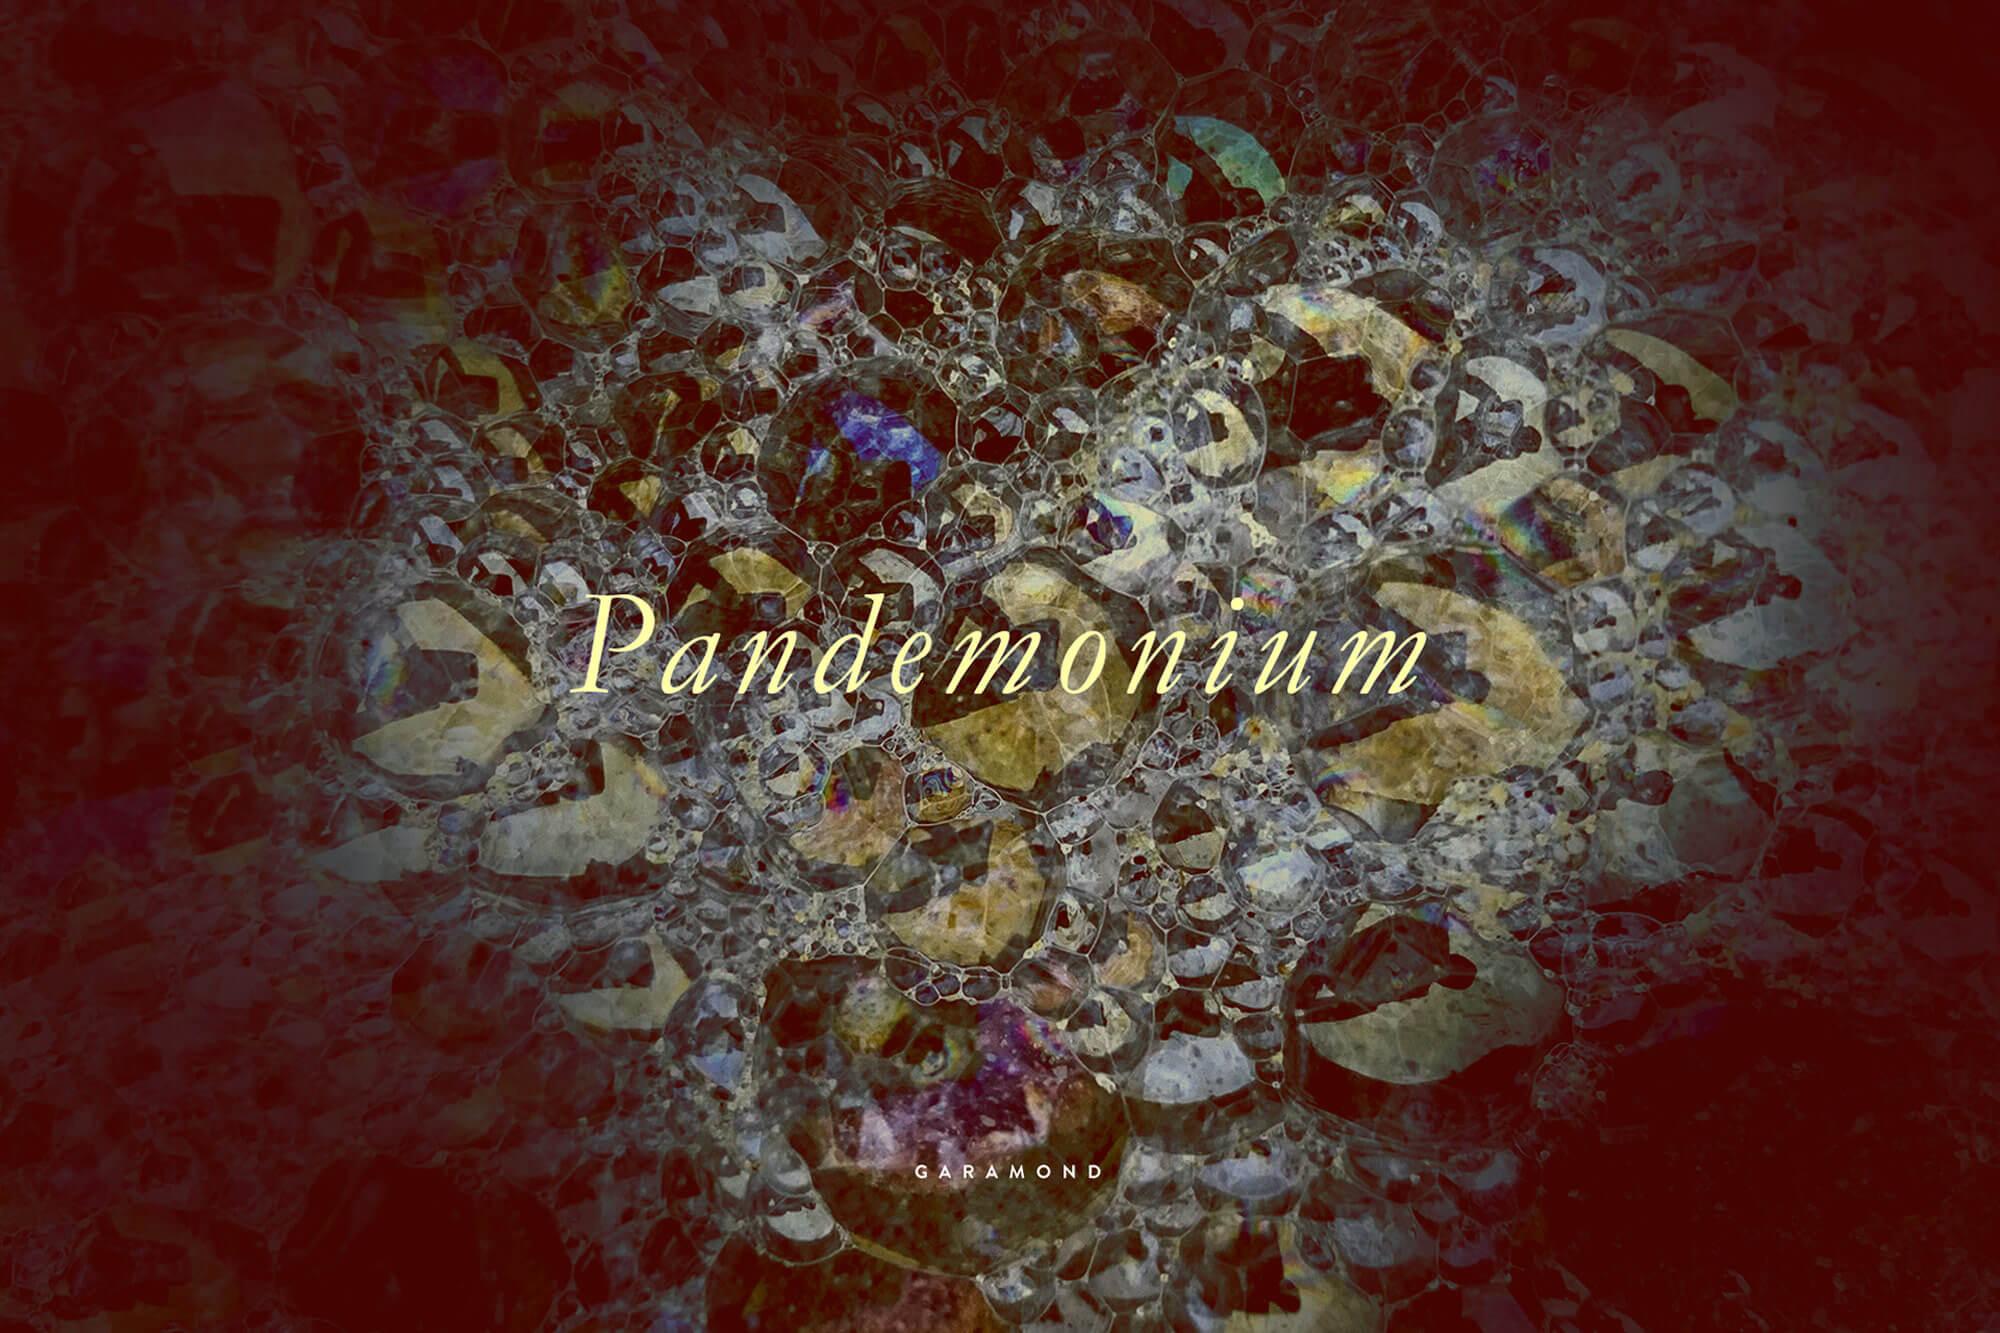 gareth-paul-jones-studio-design-garamond-music-shards-of-light-ep-cs-03-Pandemonium